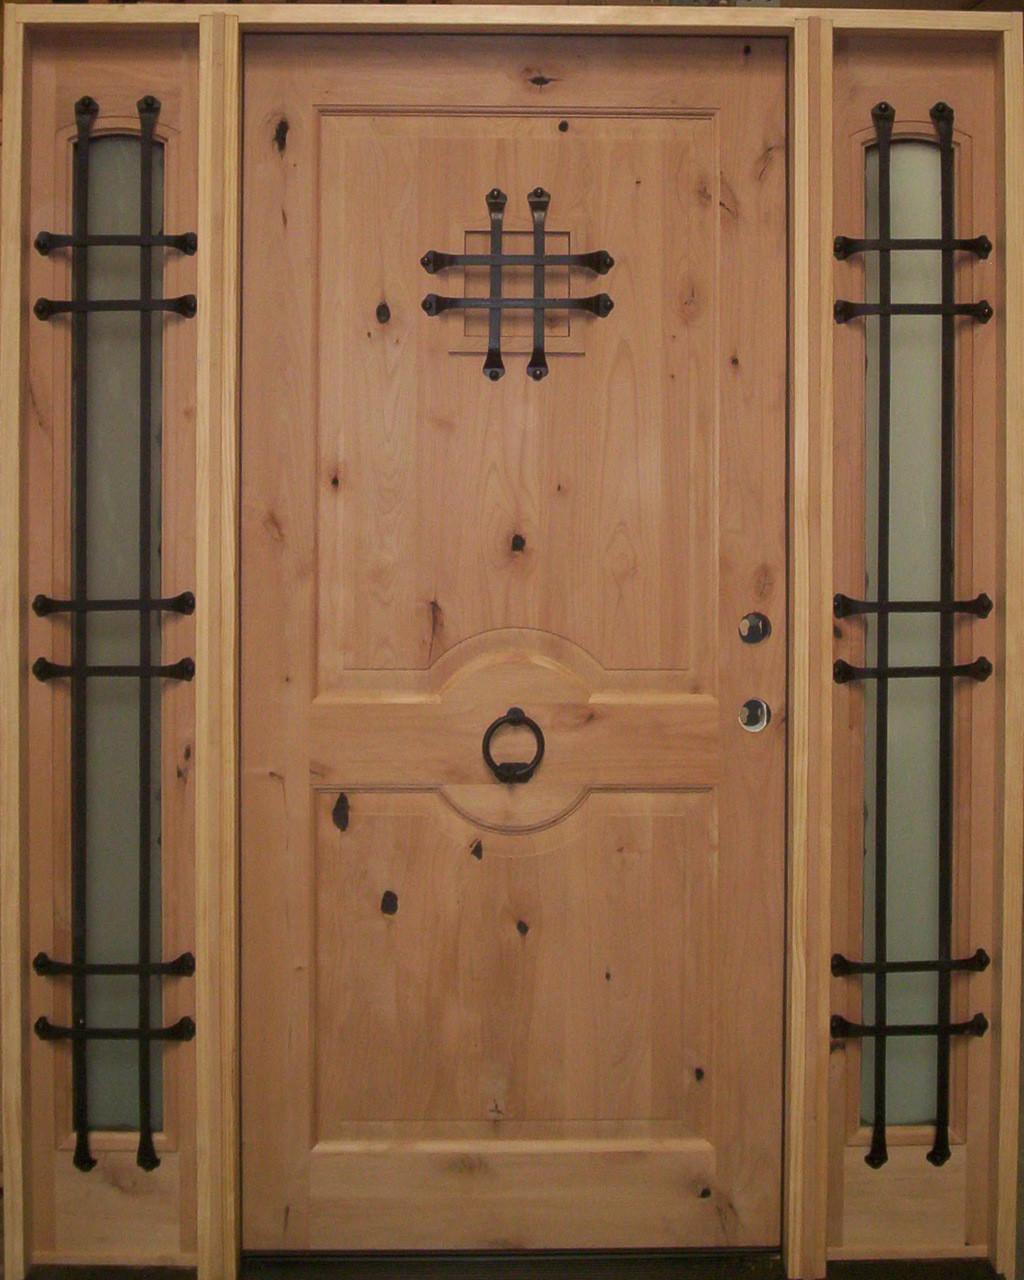 Door Knocker Door 36 Prehung Rustic Style Entry Door W 2 12 Sidelights Unfinished